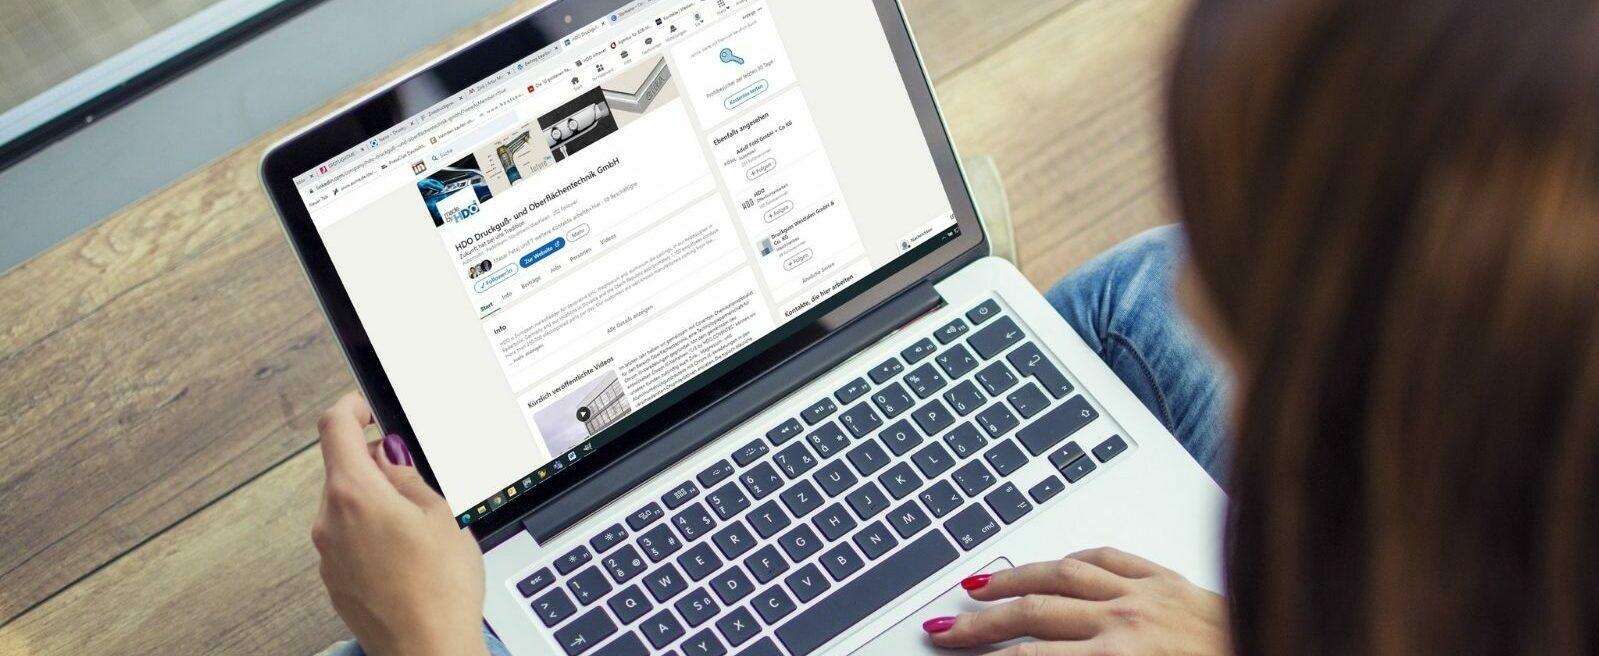 Frau sitzt am Laptop und schaut sich das HDO Linkedin Profil an